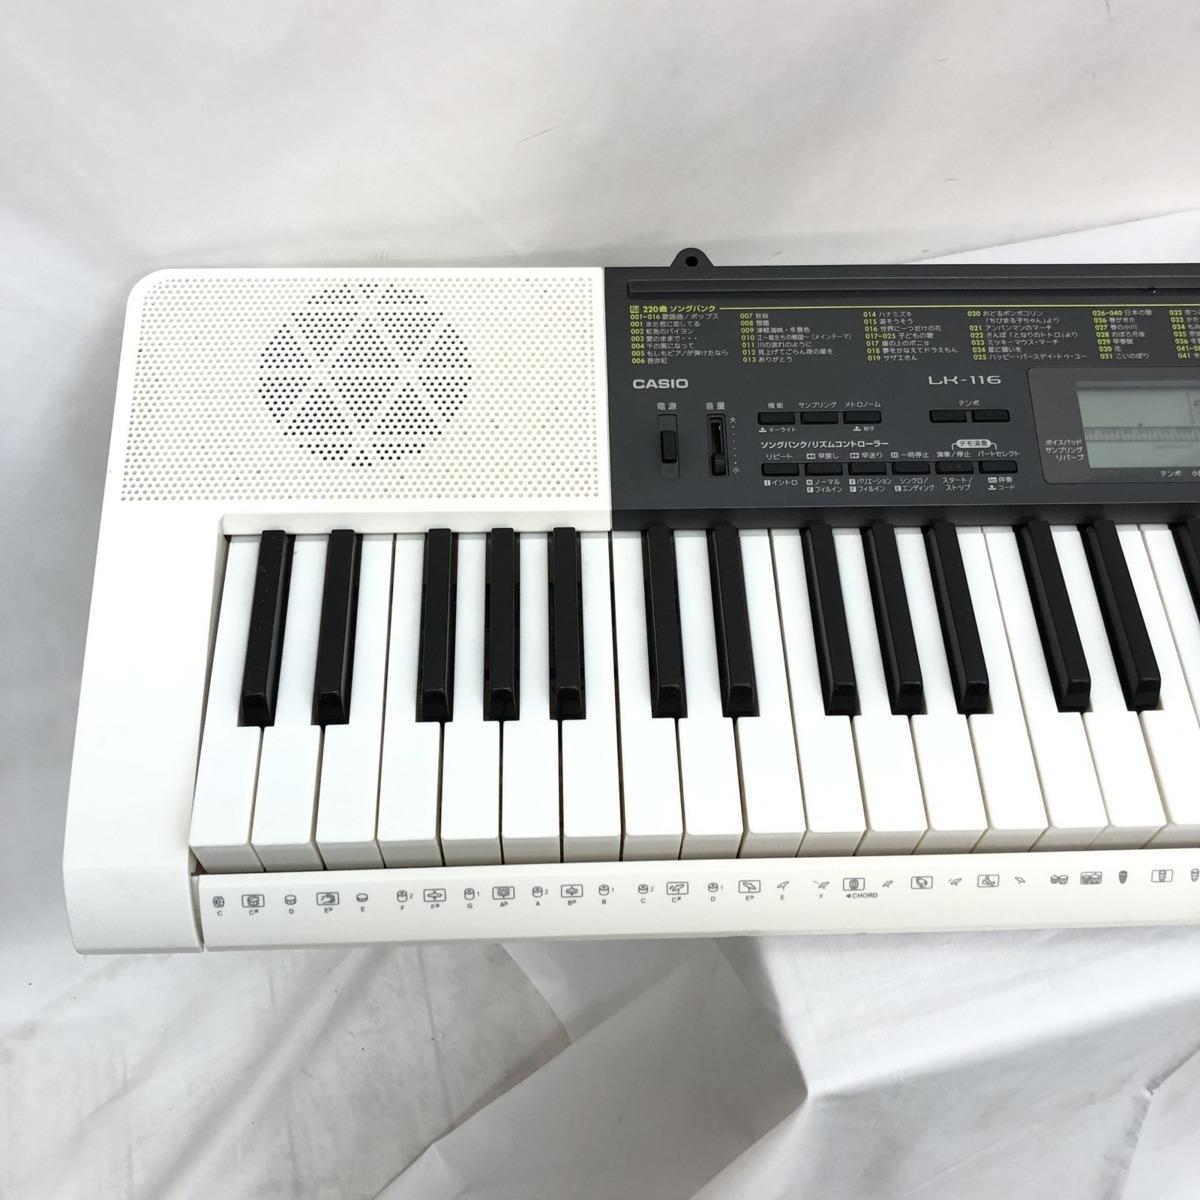 中古 CASIO カシオ 電子キーボード LK-116 61鍵盤 光ナビゲーション 電子ピアノ ホワイト ブラック 鍵盤楽器 アダプター付き H15204_画像5